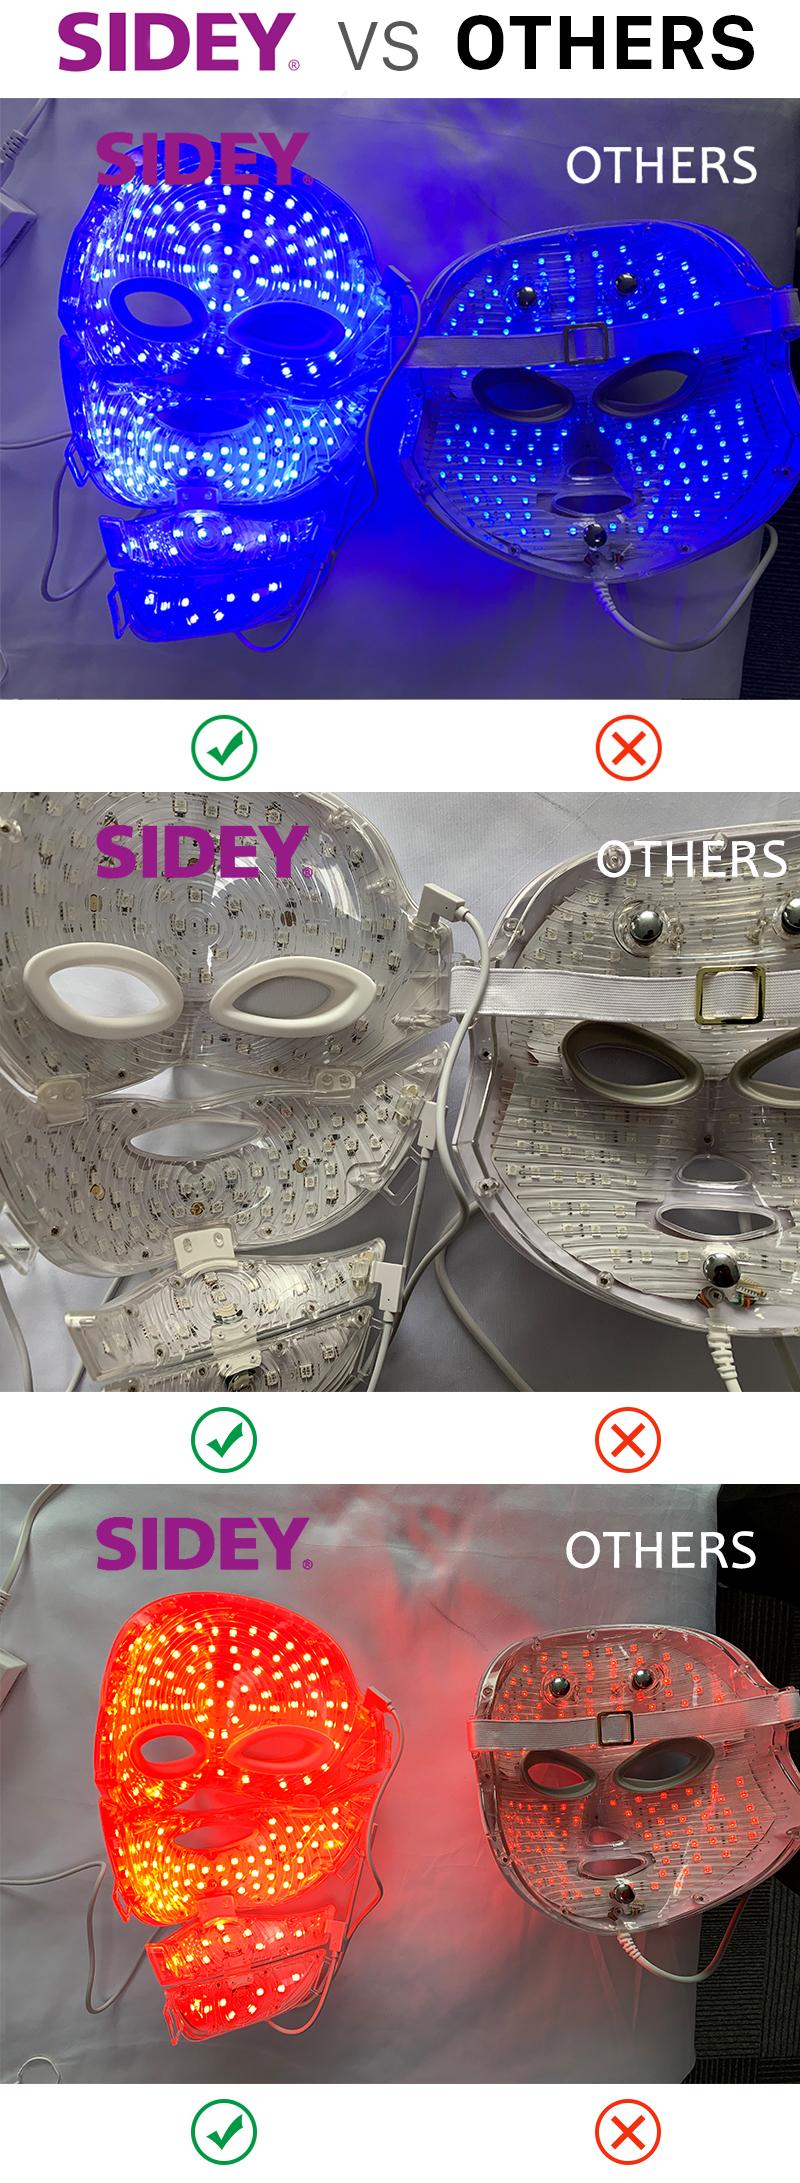 SIDEY Nouvelle Arrivée Prix de Gros Maison Portatif De Soin de Rajeunissement De La Peau PDT LED Blanchissant Masque Facial